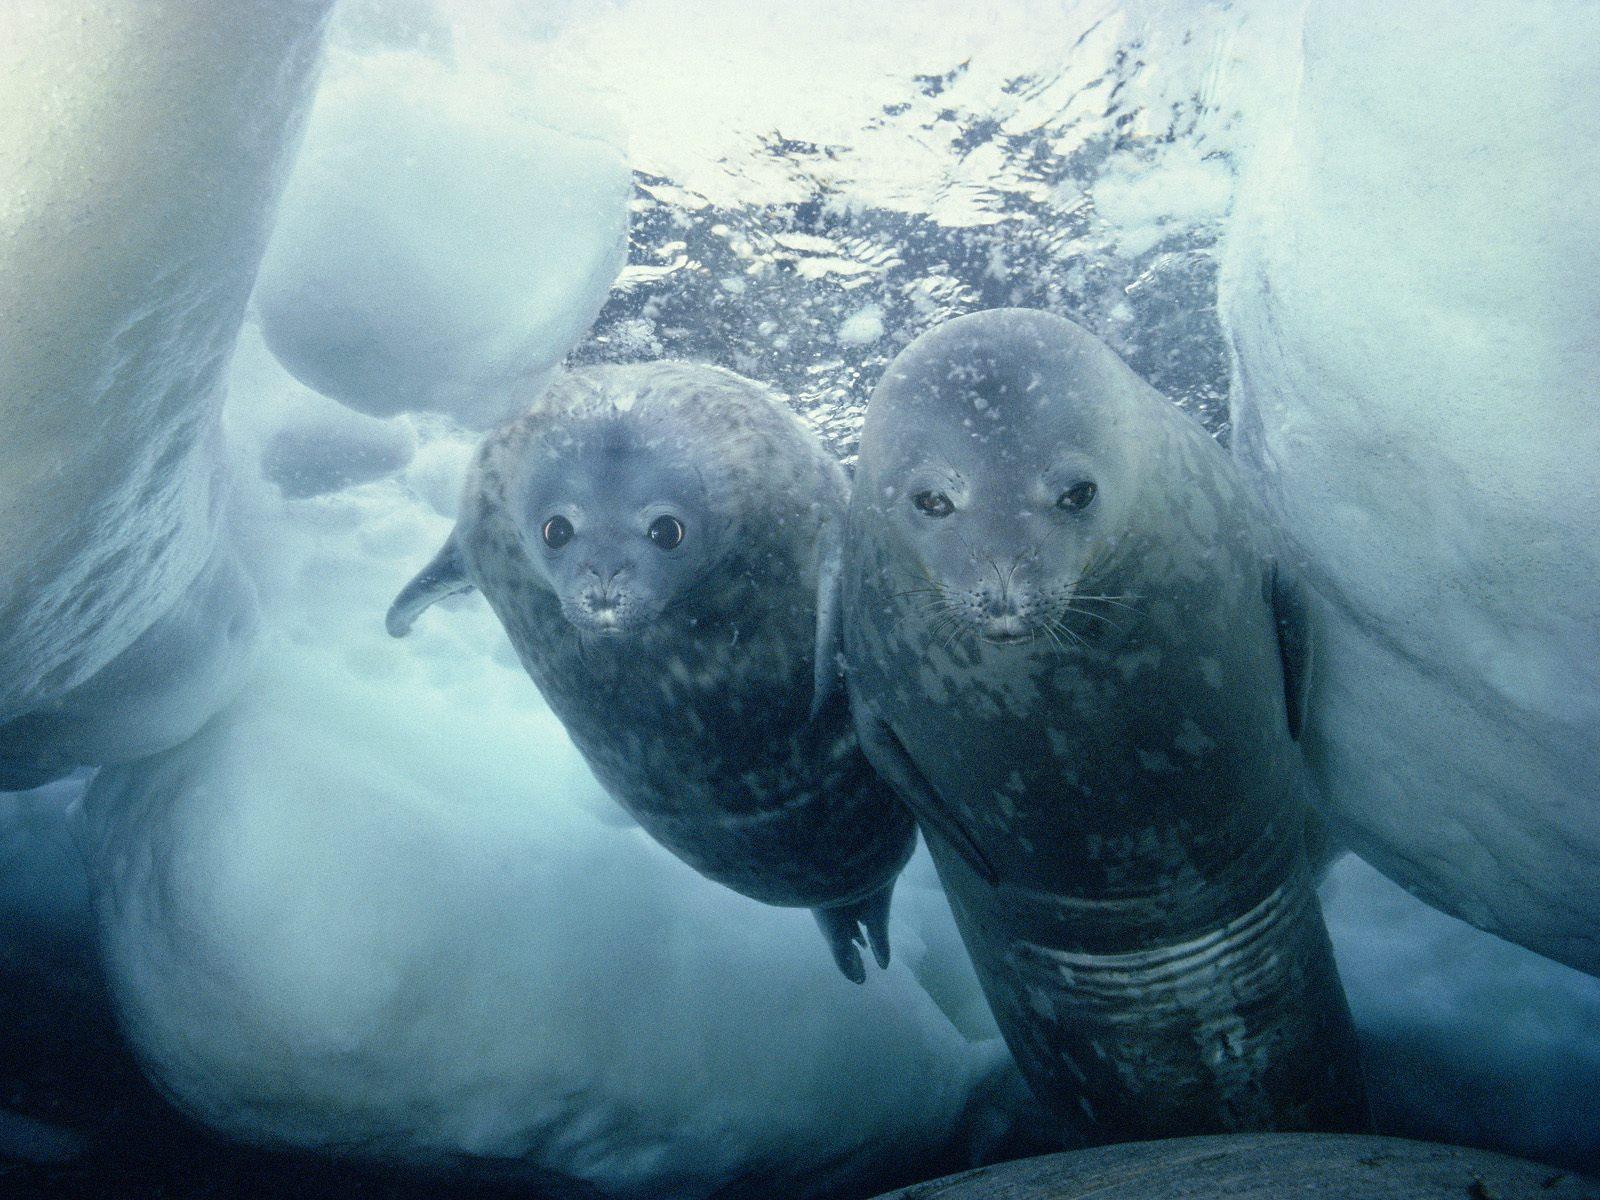 Le phoque de Weddell, de la famille des pinnipèdes, peut passer une heure à chasser des poissons à 600 m de profondeur. © Changehali, Wikimedia Commons, cc by sa 2.0